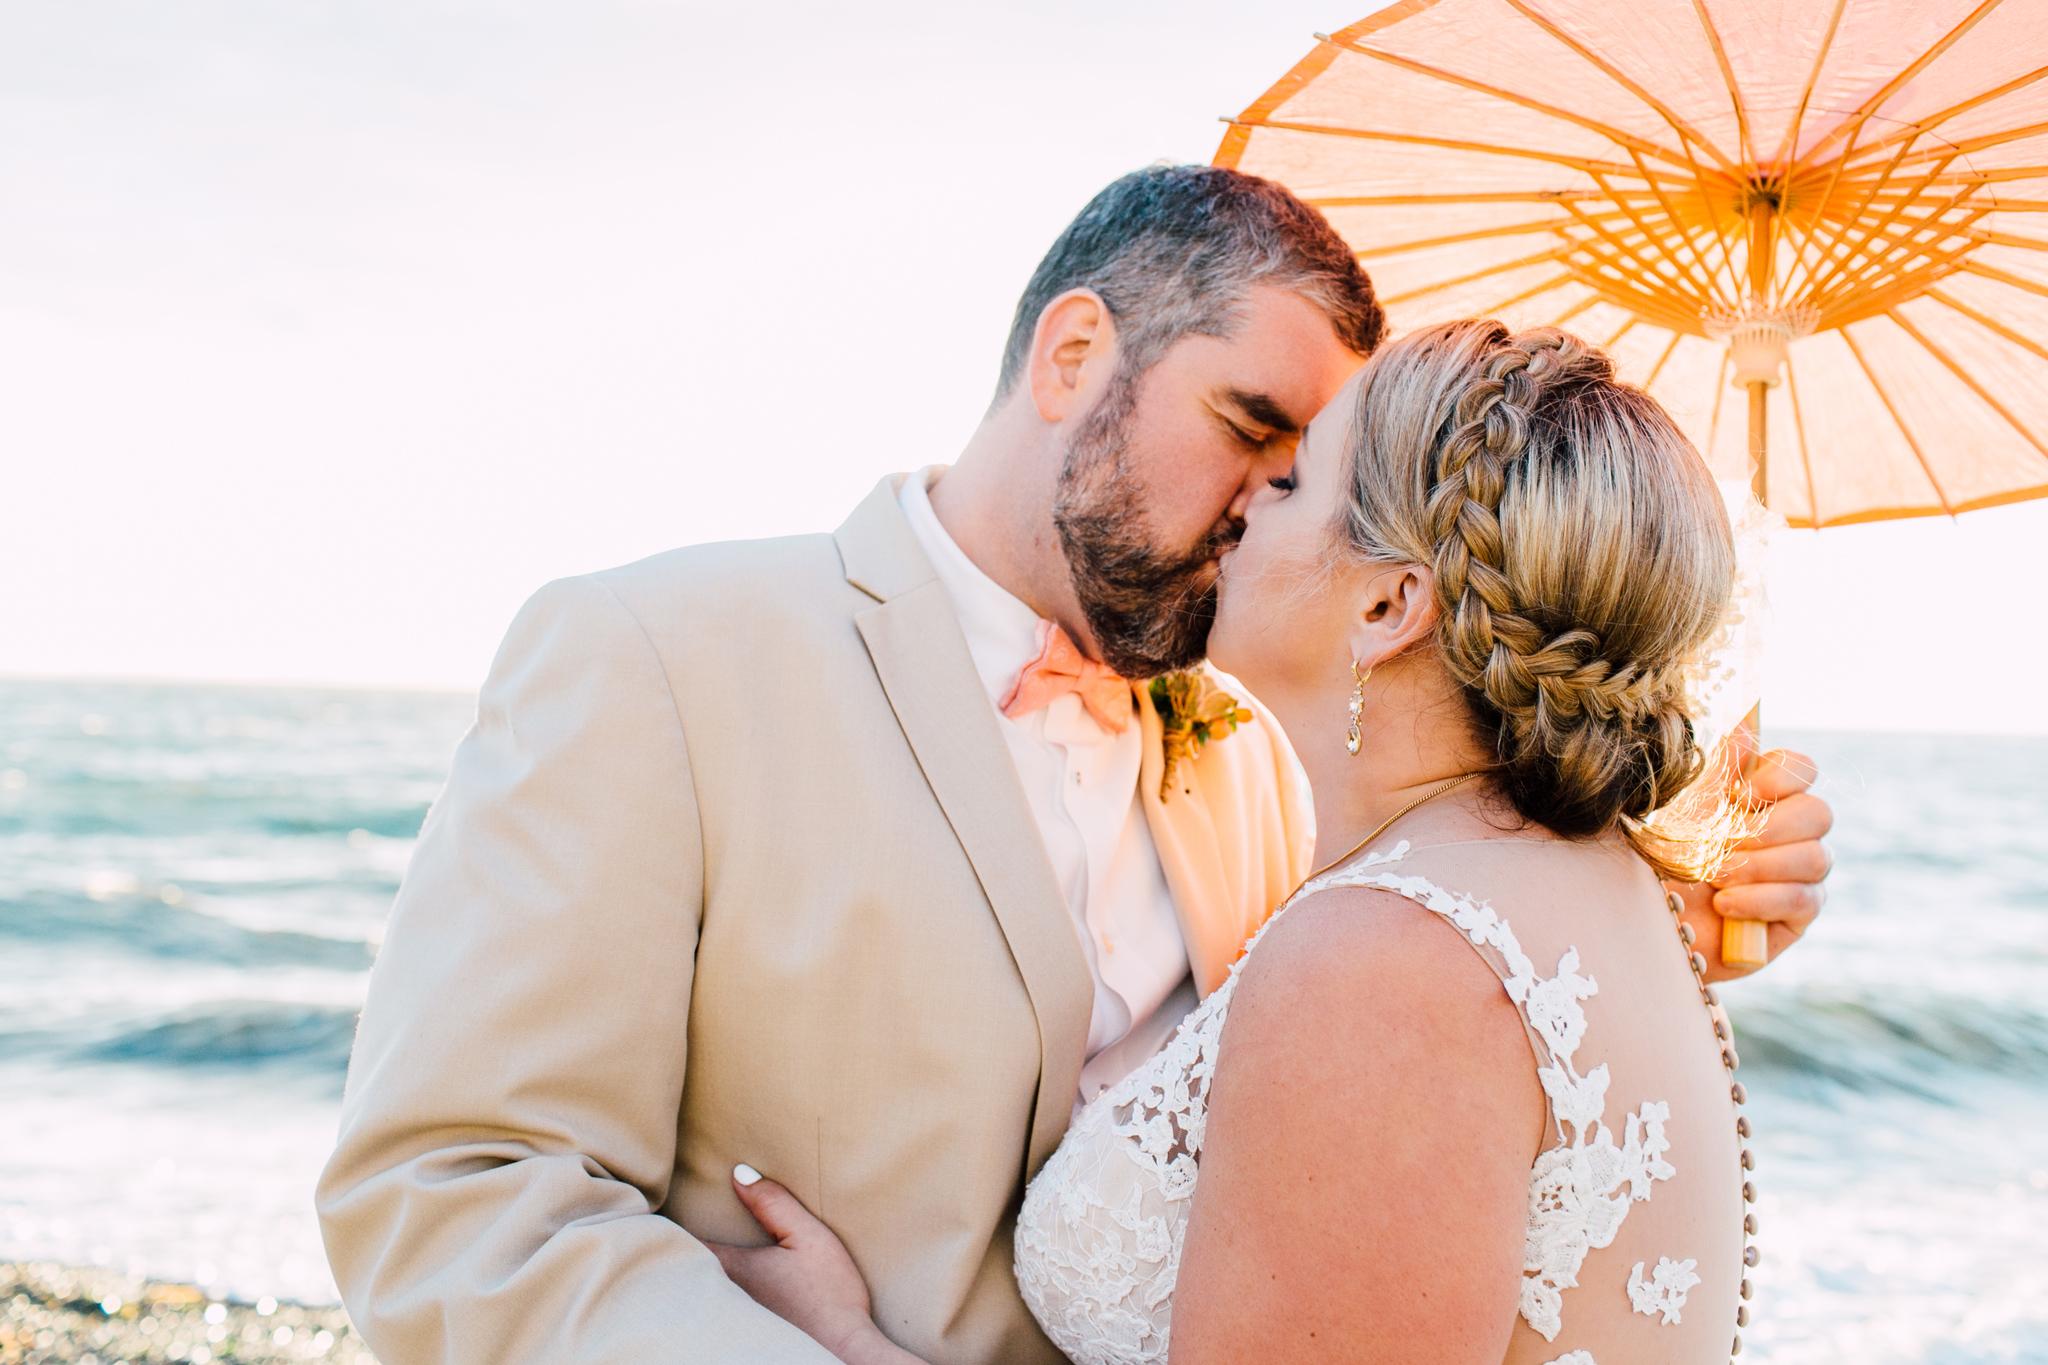 020-bellingham-wedding-photographer-beach-katheryn-moran-elisa-phillip.jpg